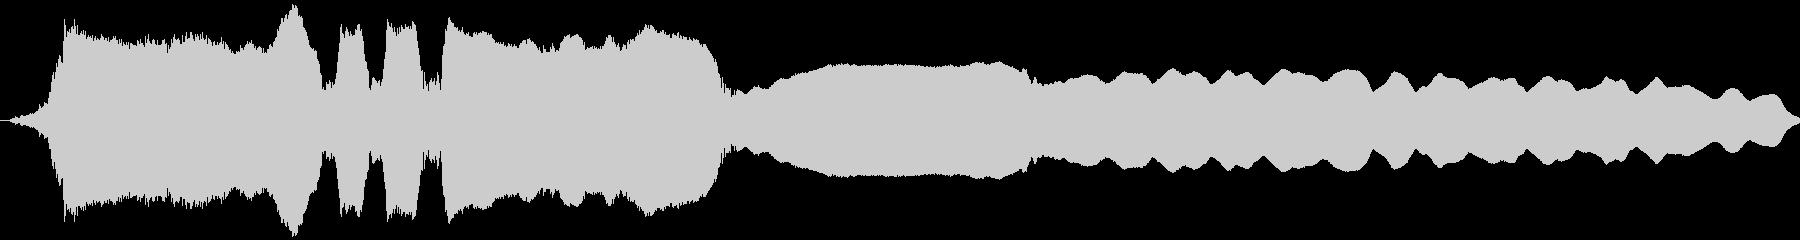 こぶし03(G#)の未再生の波形